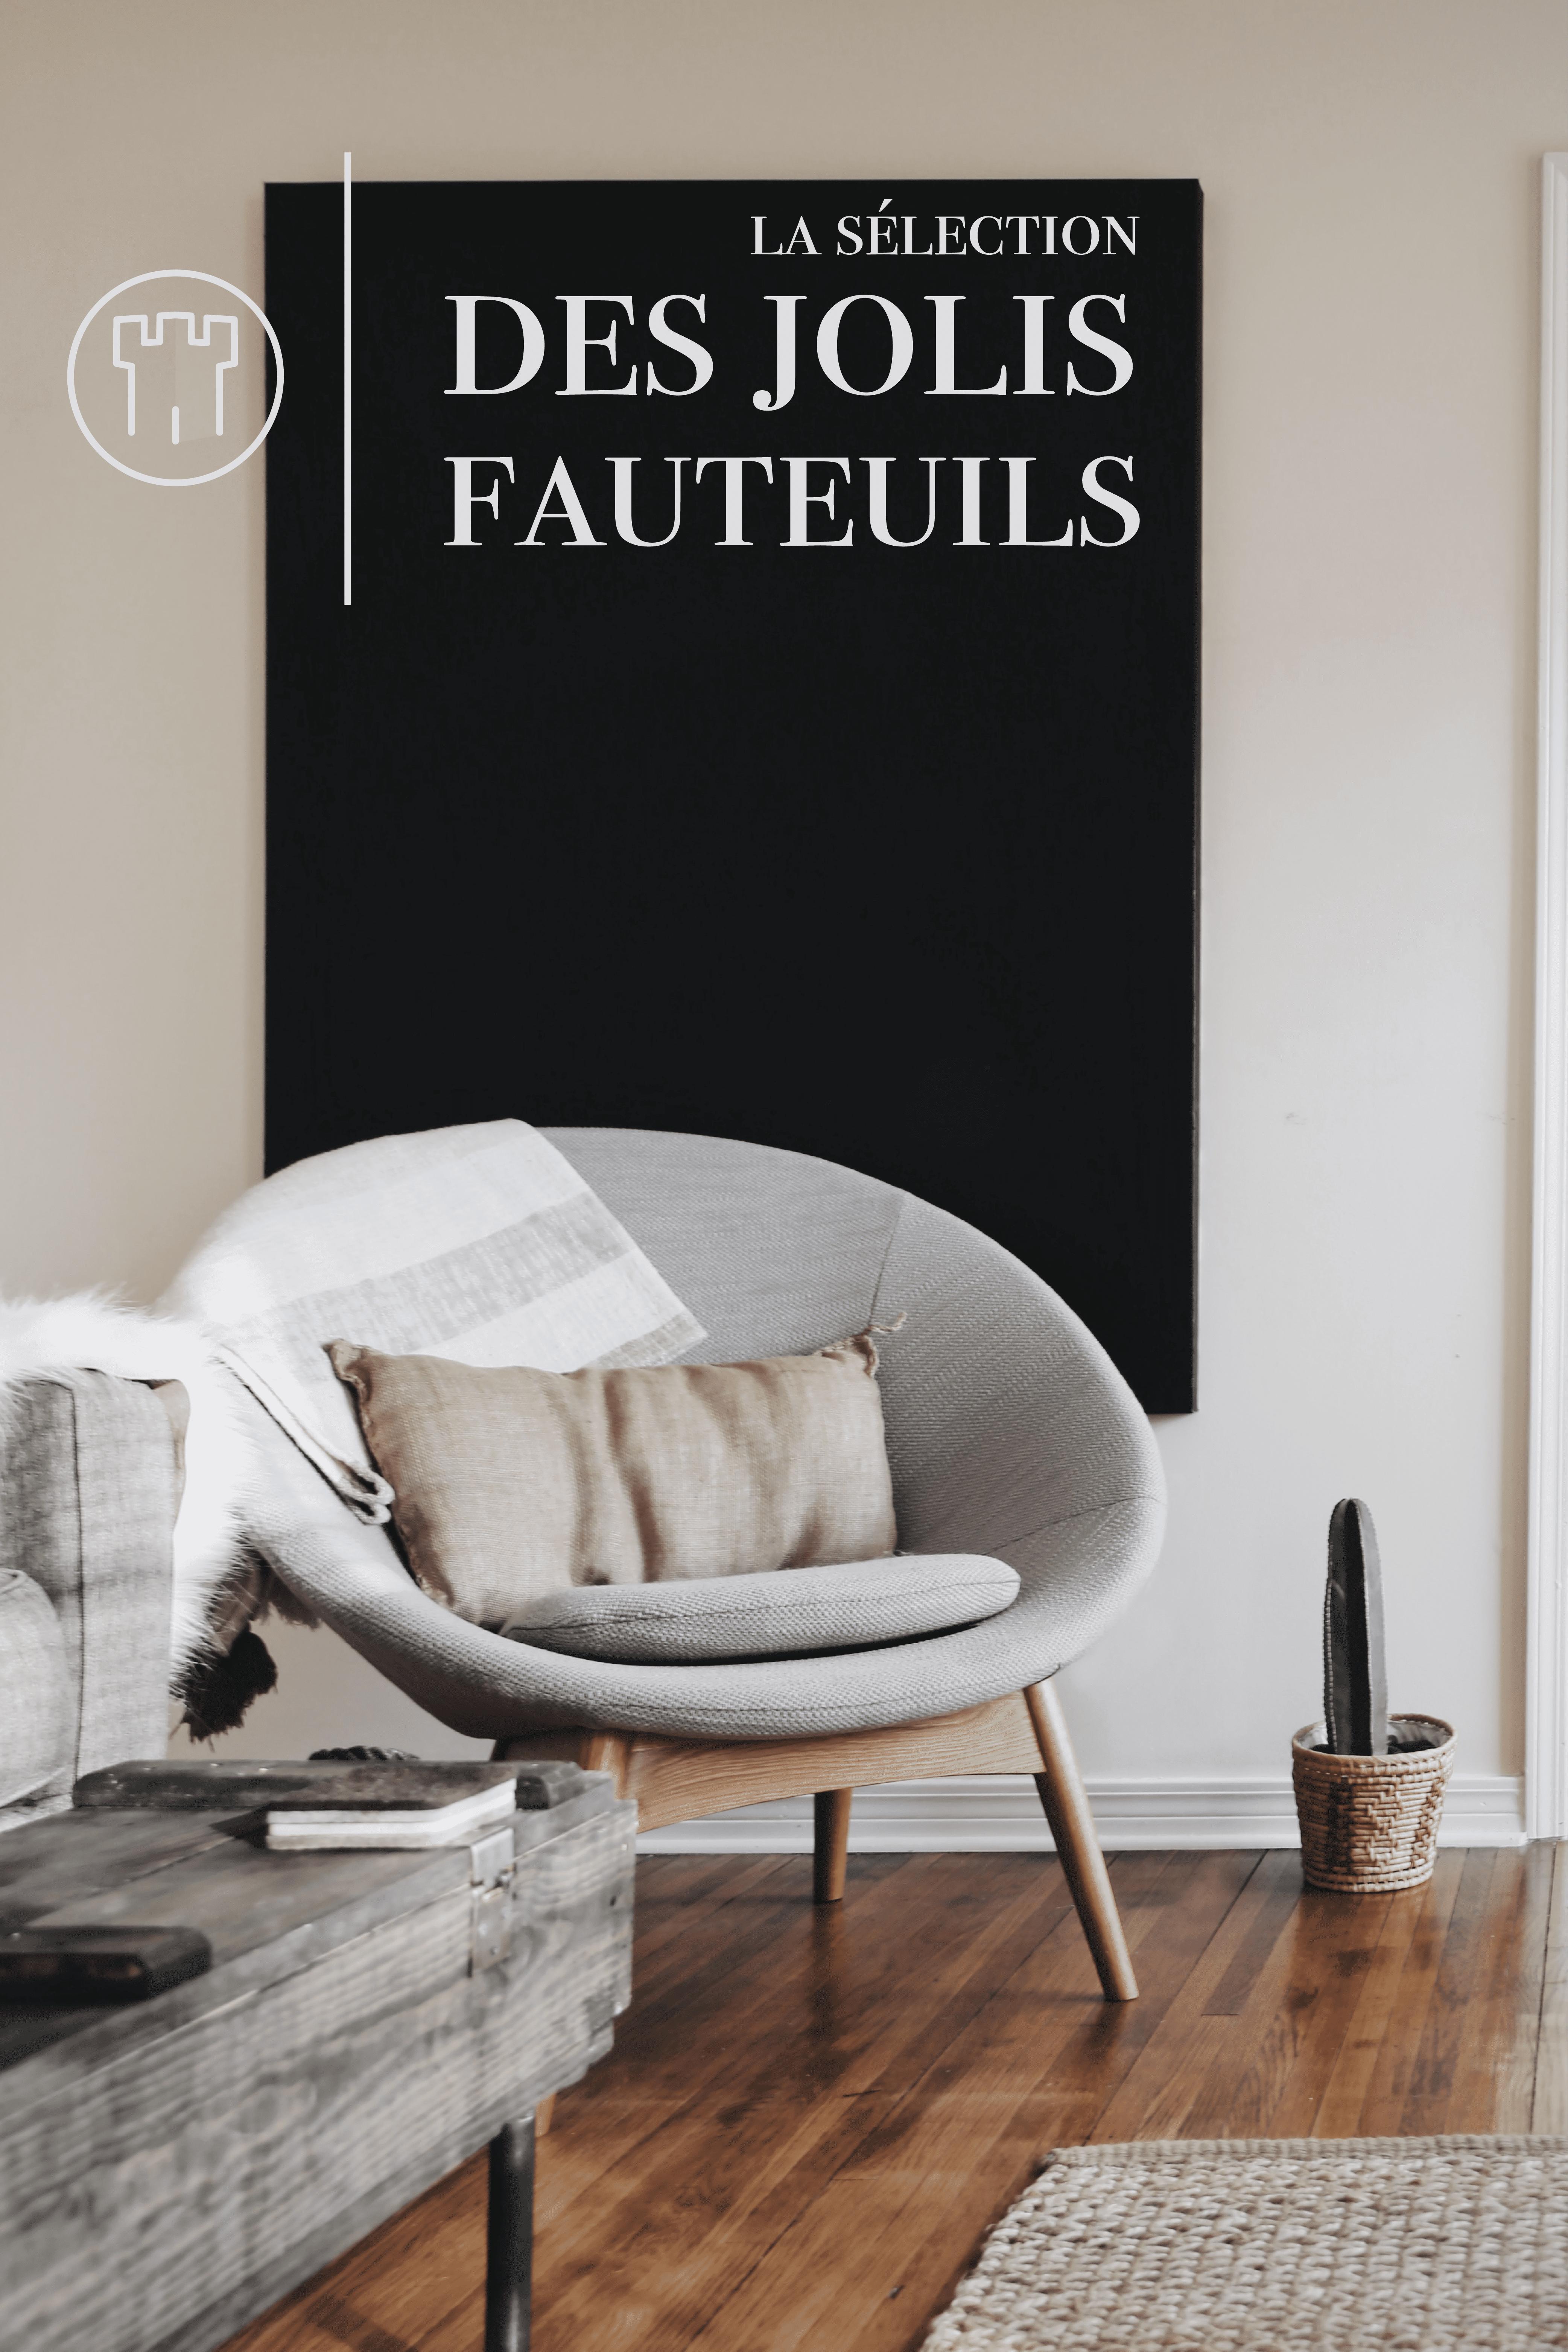 Fauteuils  Deco chambre coconing, Décoration maison, Fauteuil chambre